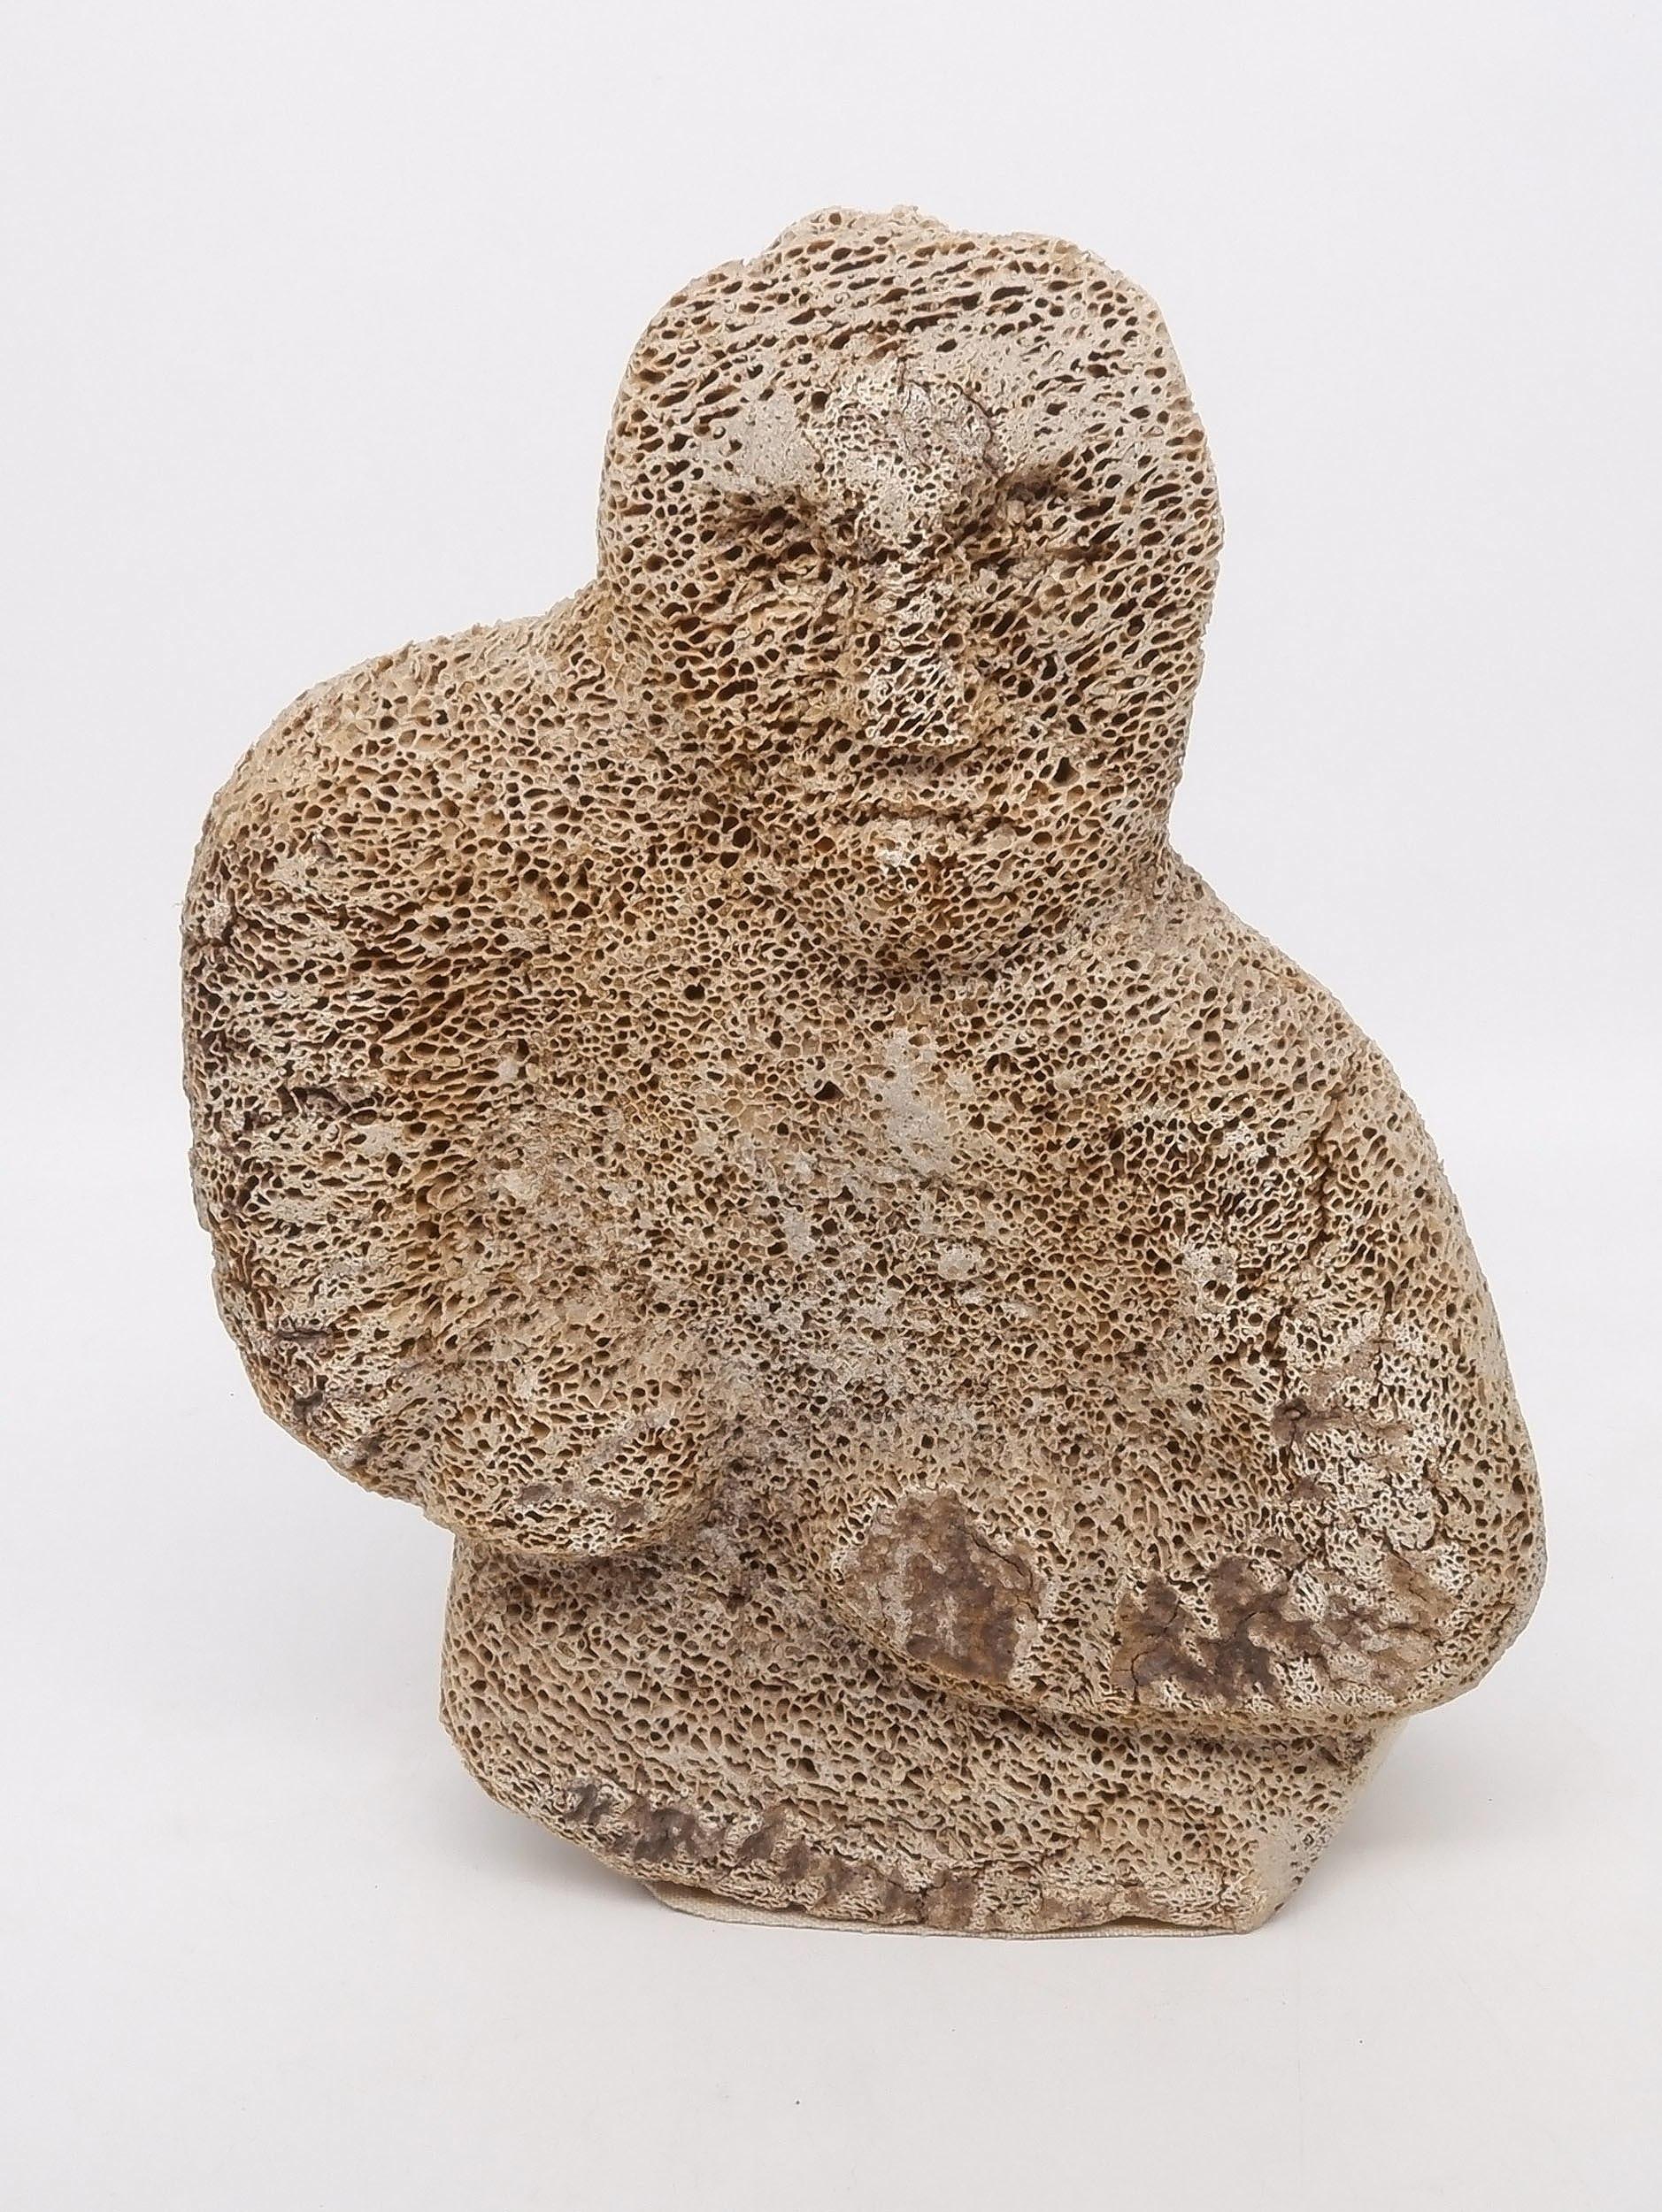 'Pauloosie Karpik (Inuit 1911-1988) Carved Whalebone Figure'